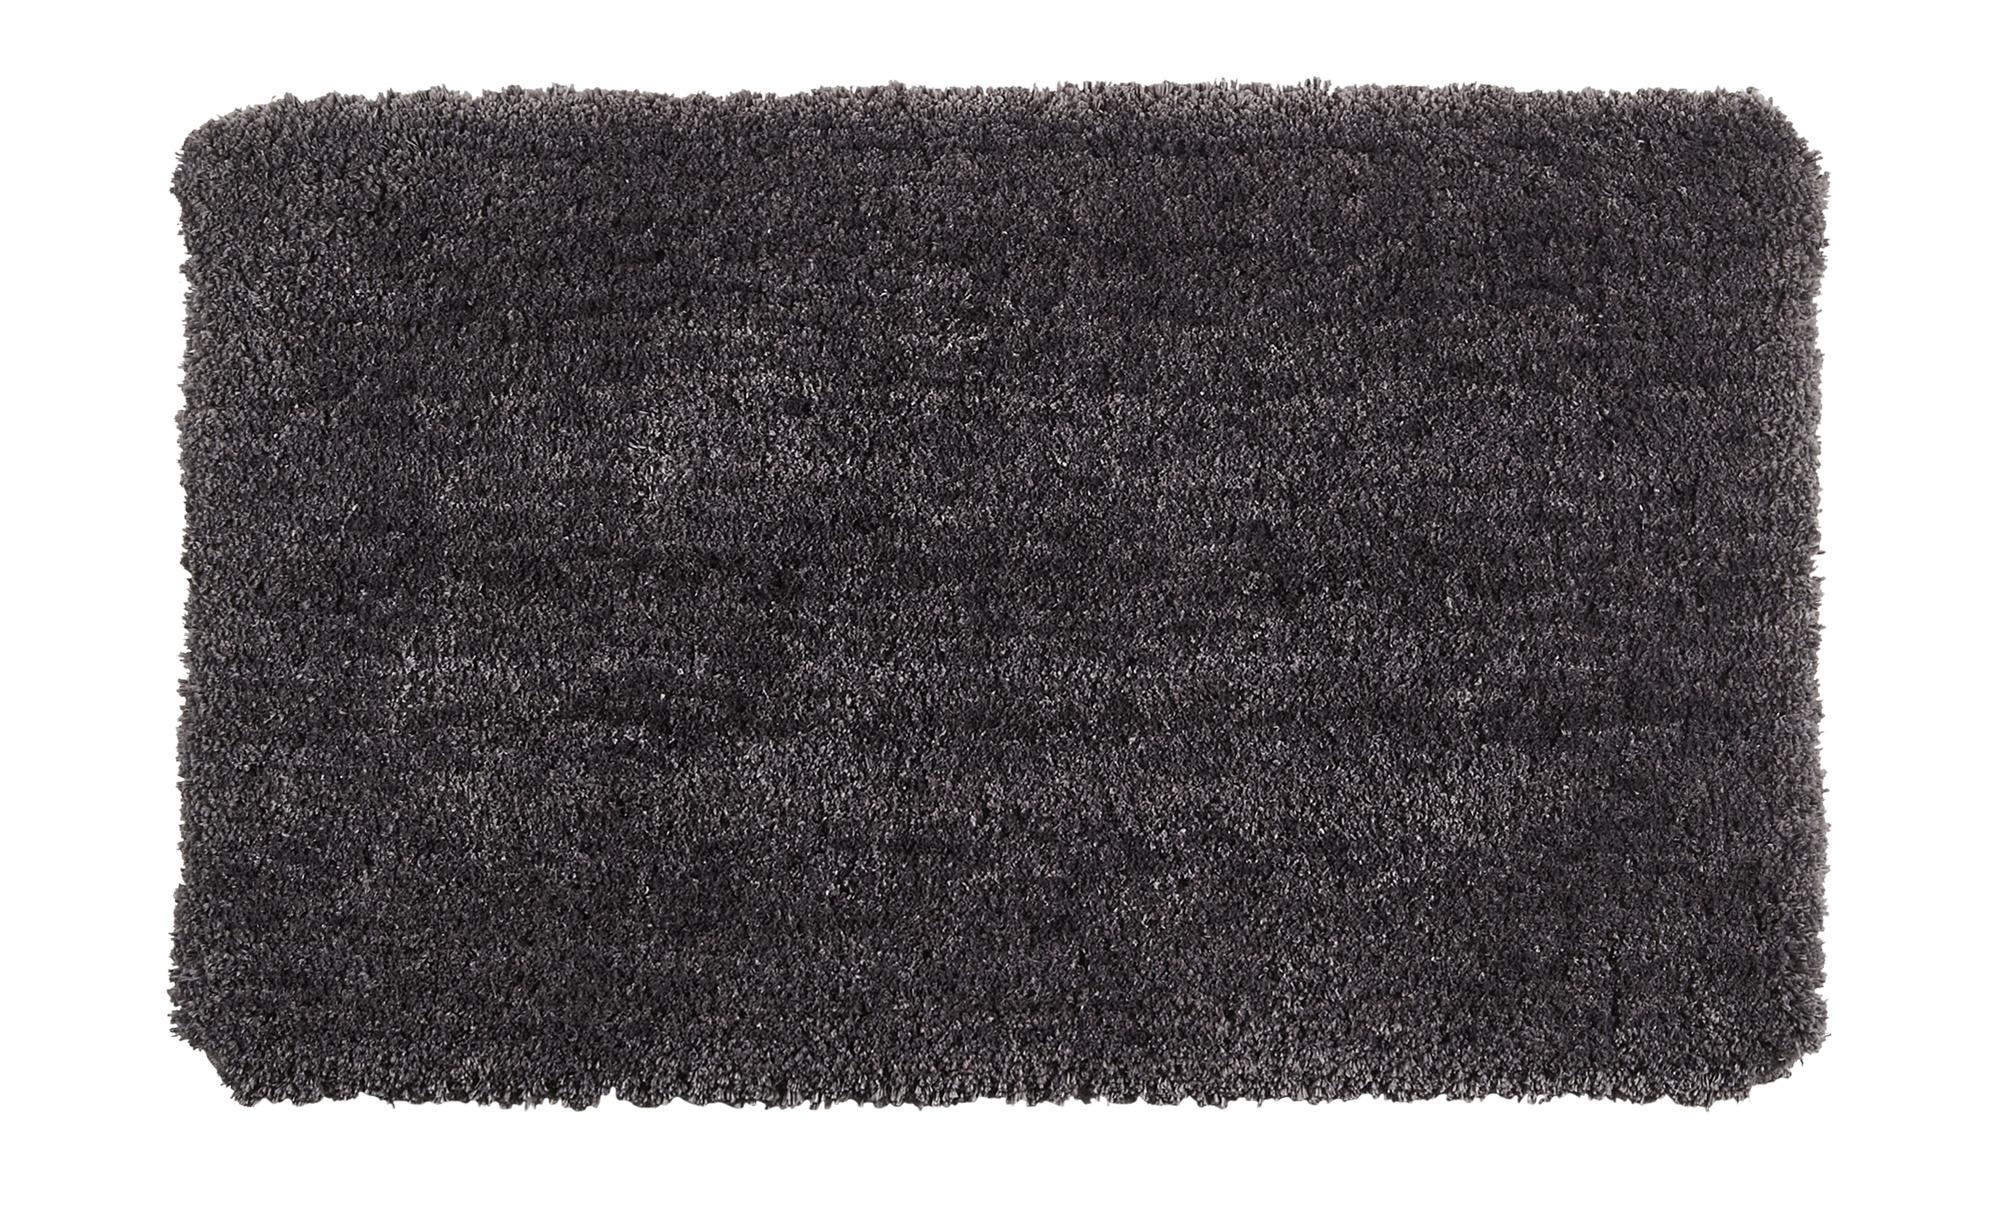 Badteppich  Teddy ¦ grau ¦ 100% Polyester ¦ Maße (cm): B: 60 Badtextilien und Zubehör > Badematten & Badvorleger - Höffner